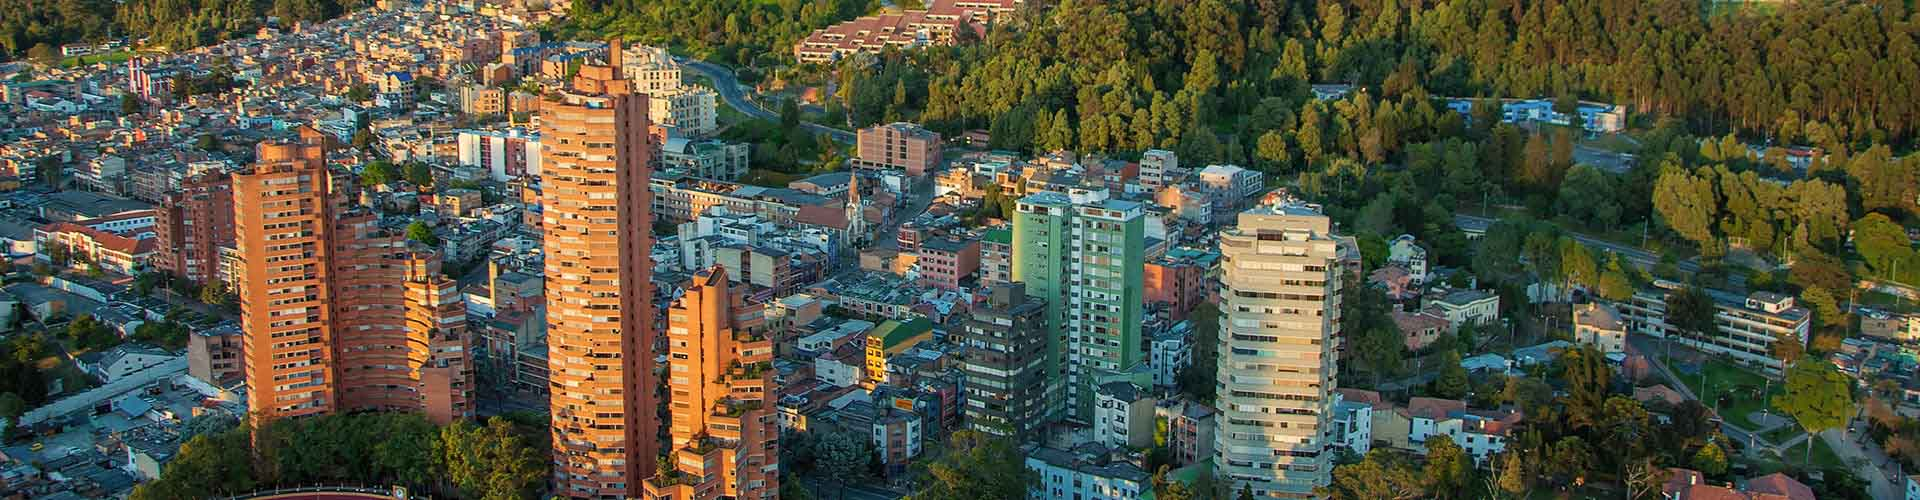 Bogotá - Campamentos en el distrito Zona Rosa. Mapas de Bogotá, Fotos y comentarios de cada Campamento en Bogotá.